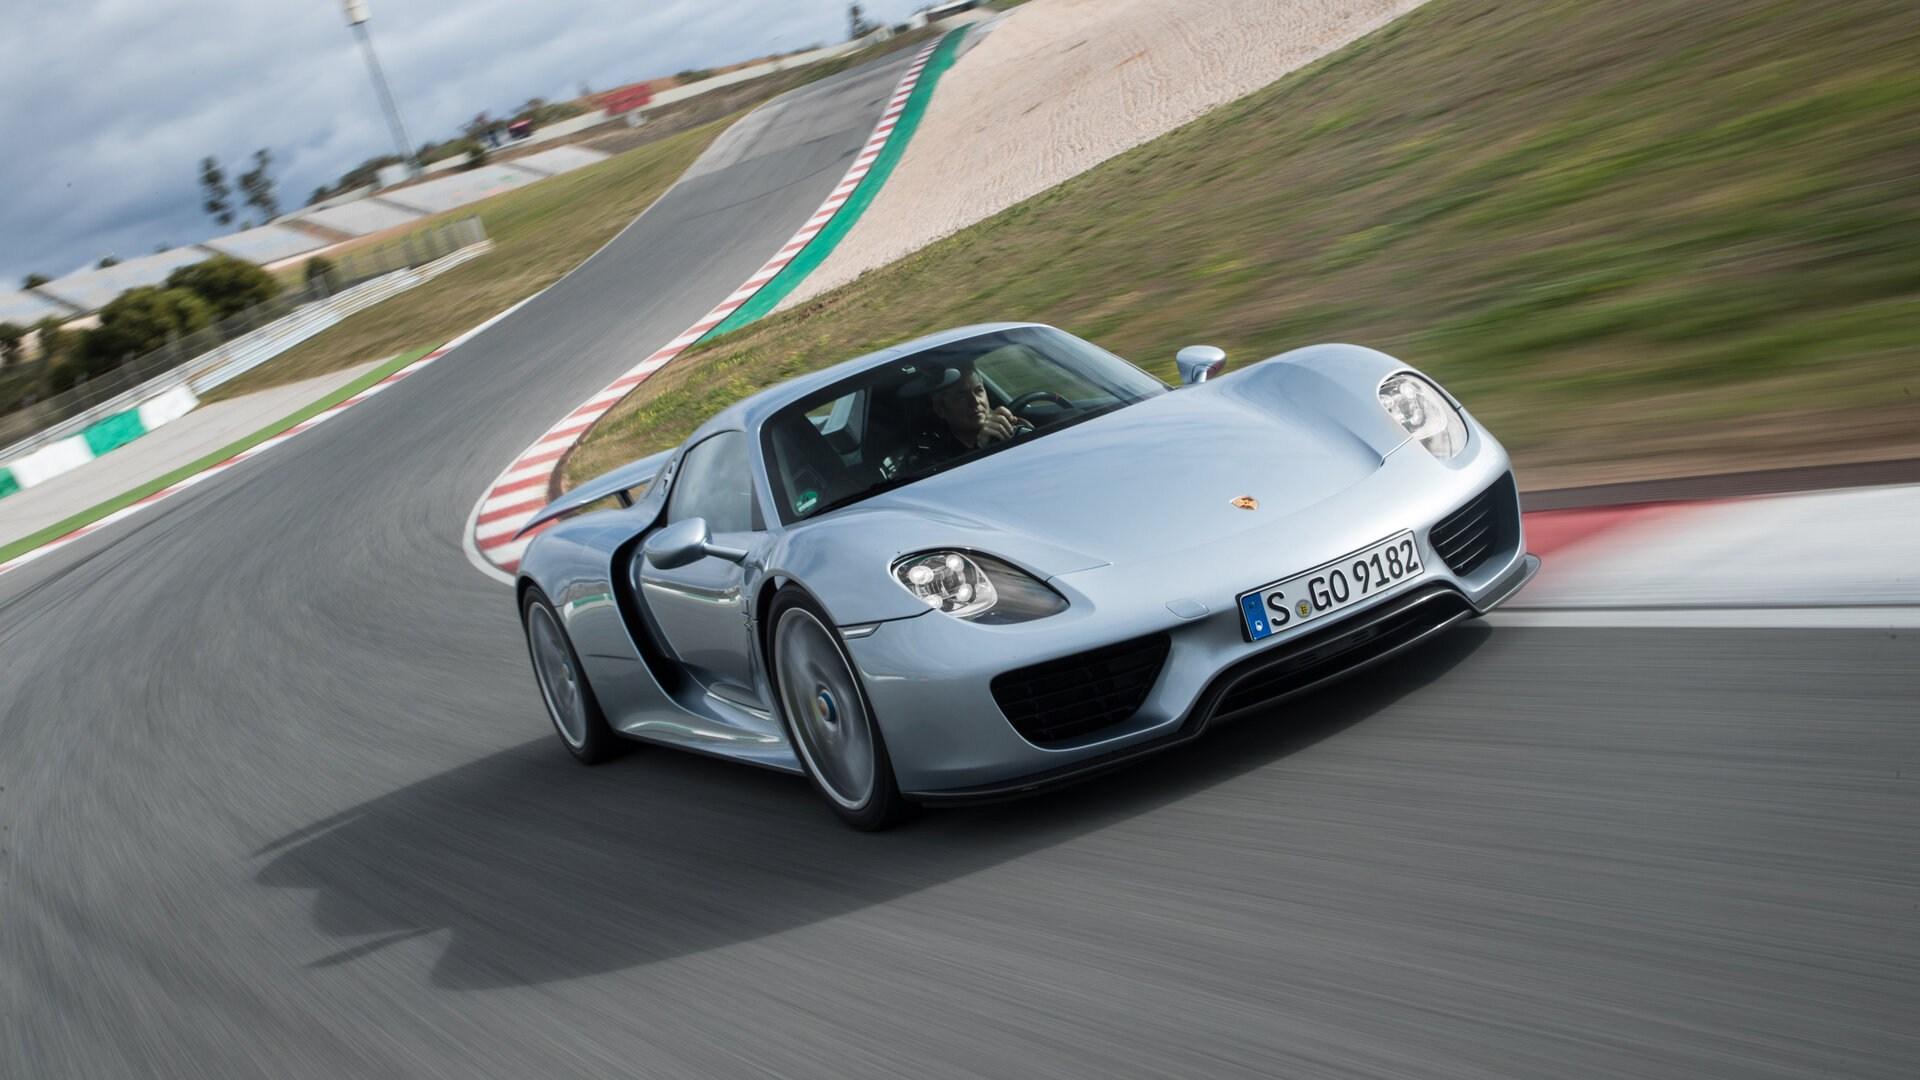 Coche del día: Porsche 918 Spyder